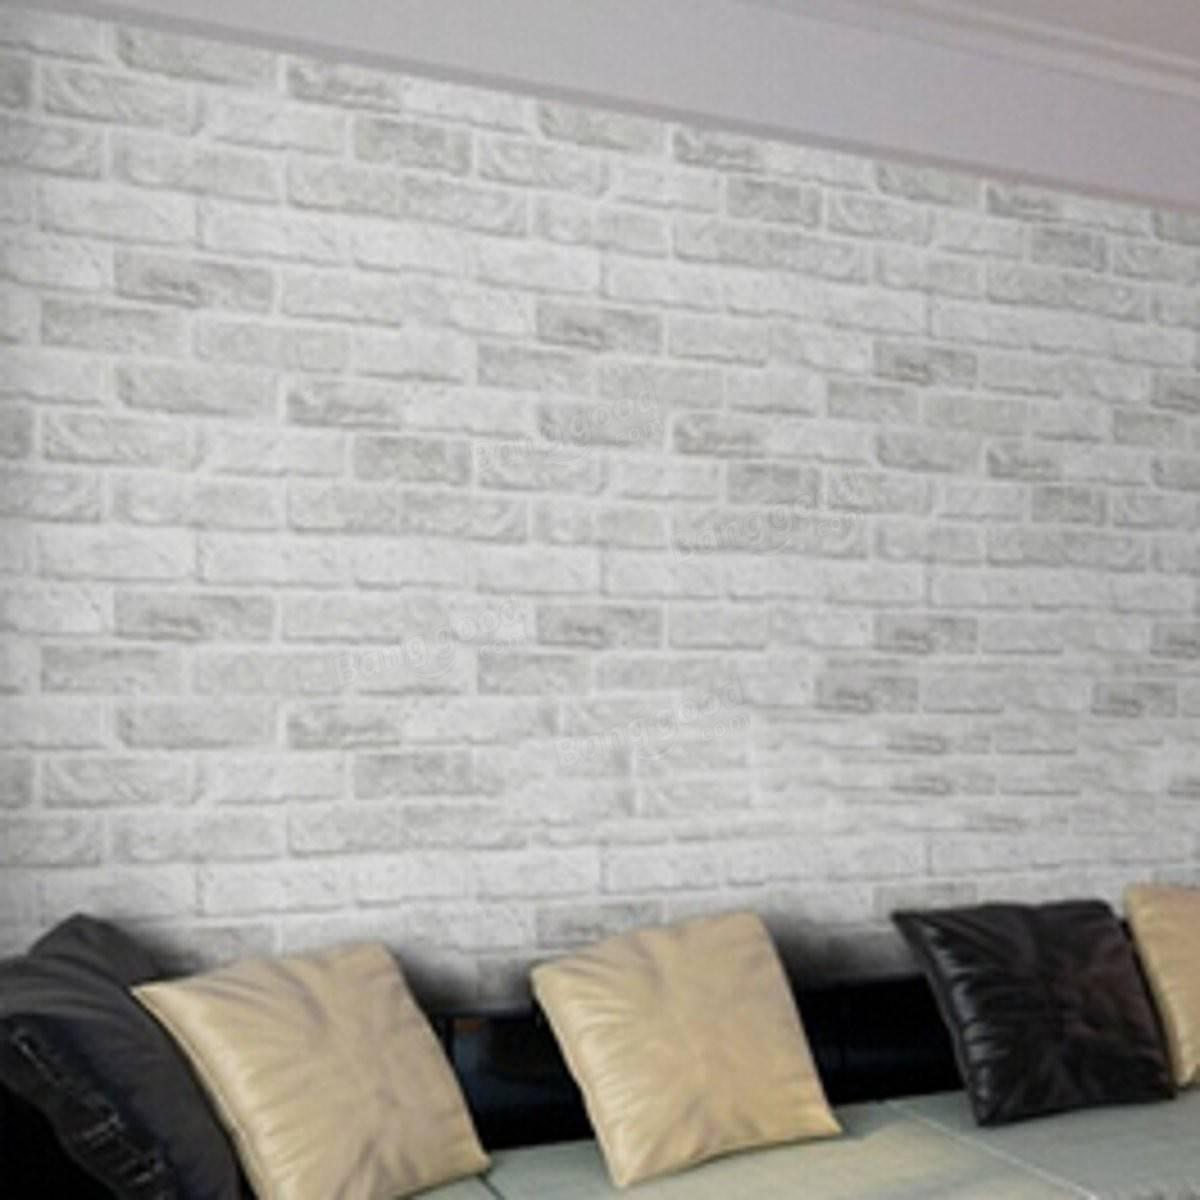 بالصور ورق جدران رمادي , ديكورات عصرية للمنازل 1881 8